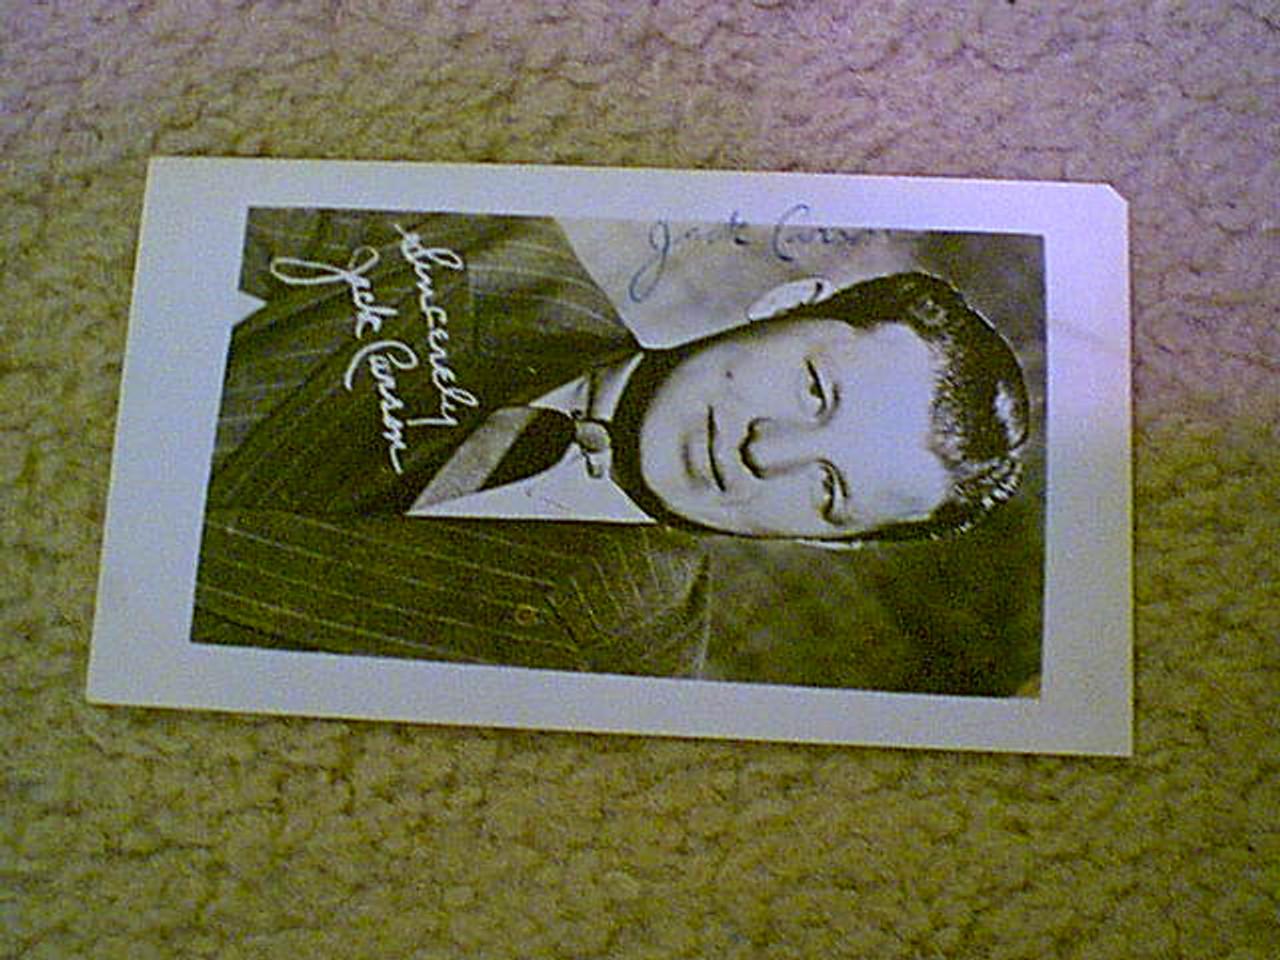 Carson, Jack 1940'S Photo Signed Autograph